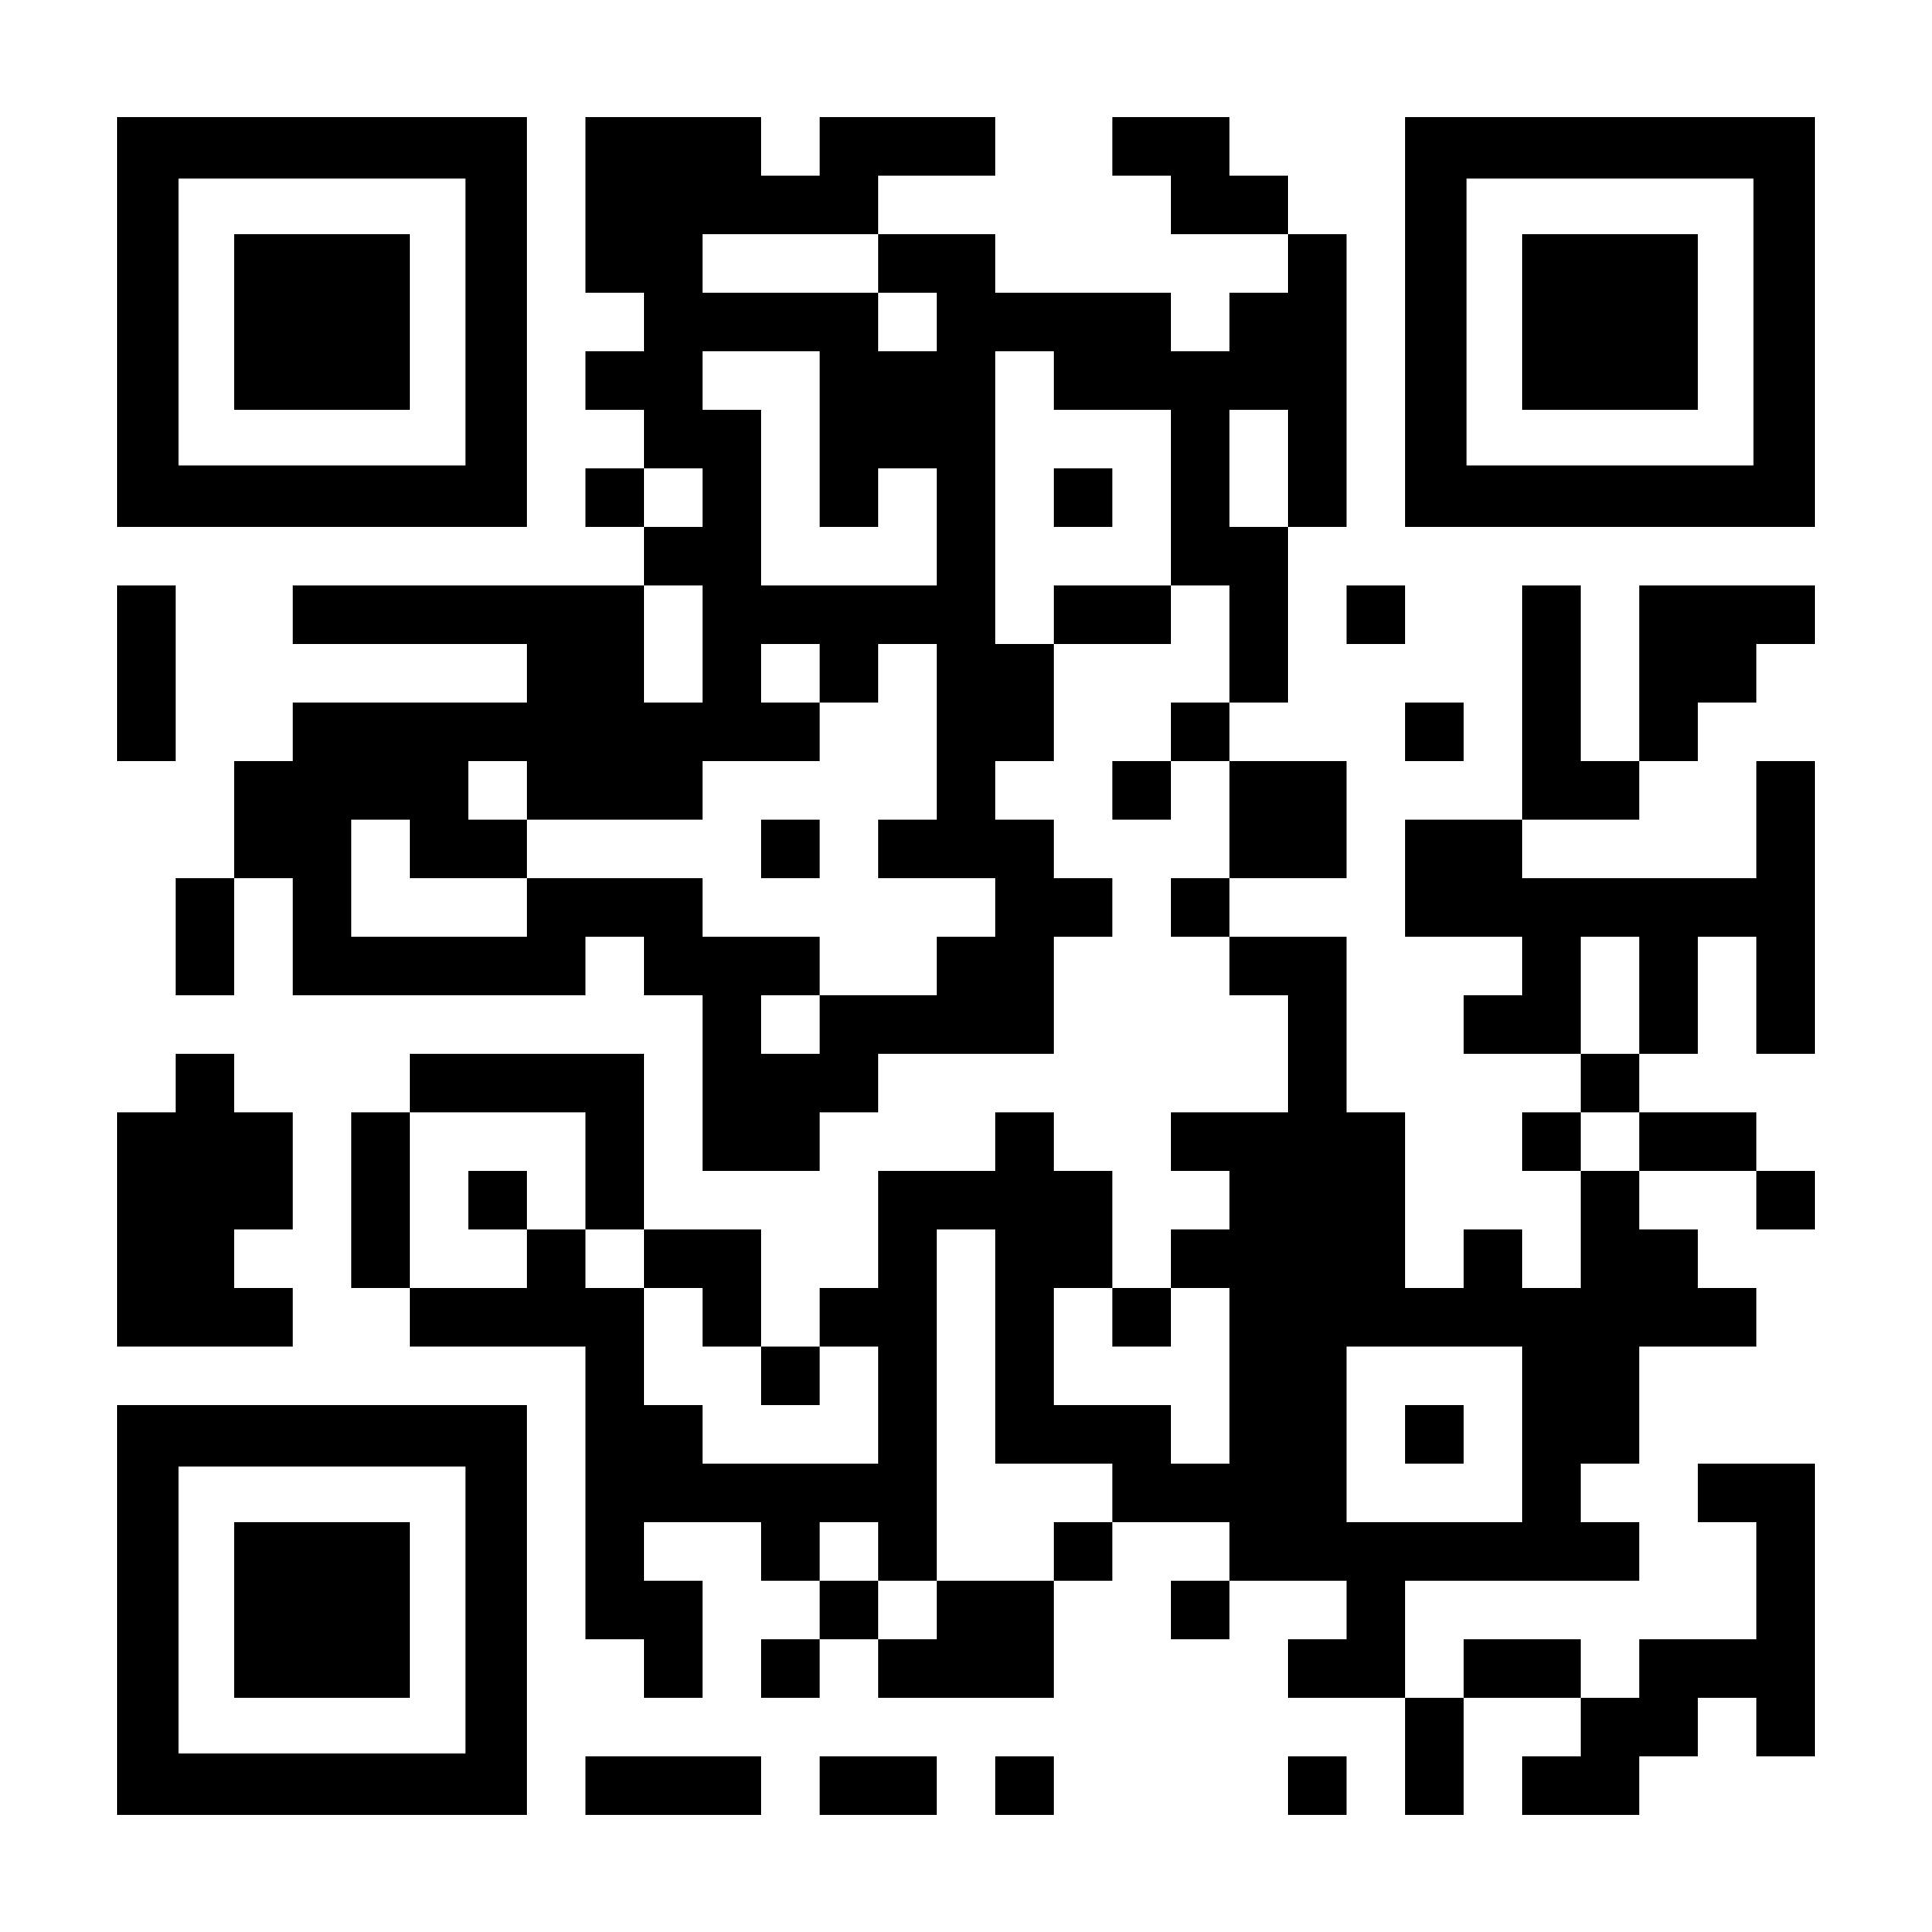 Absentee Ballot QR Code